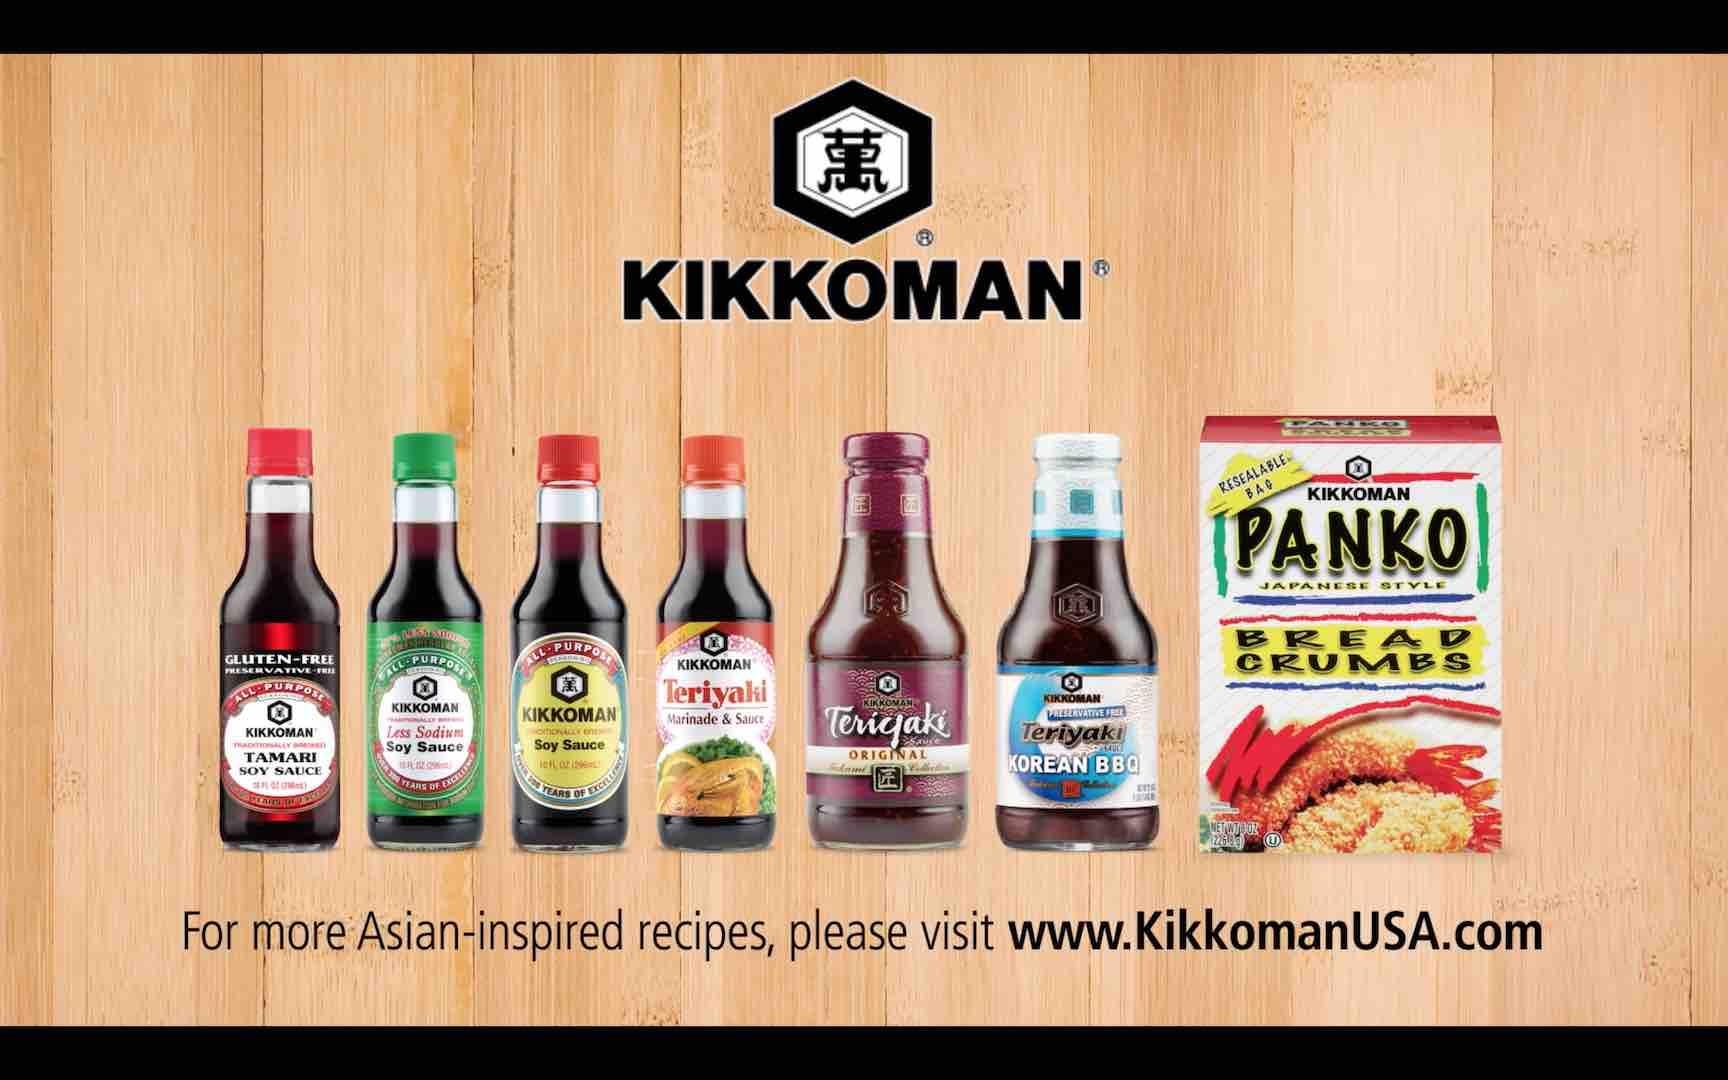 Kikkoman Werbung